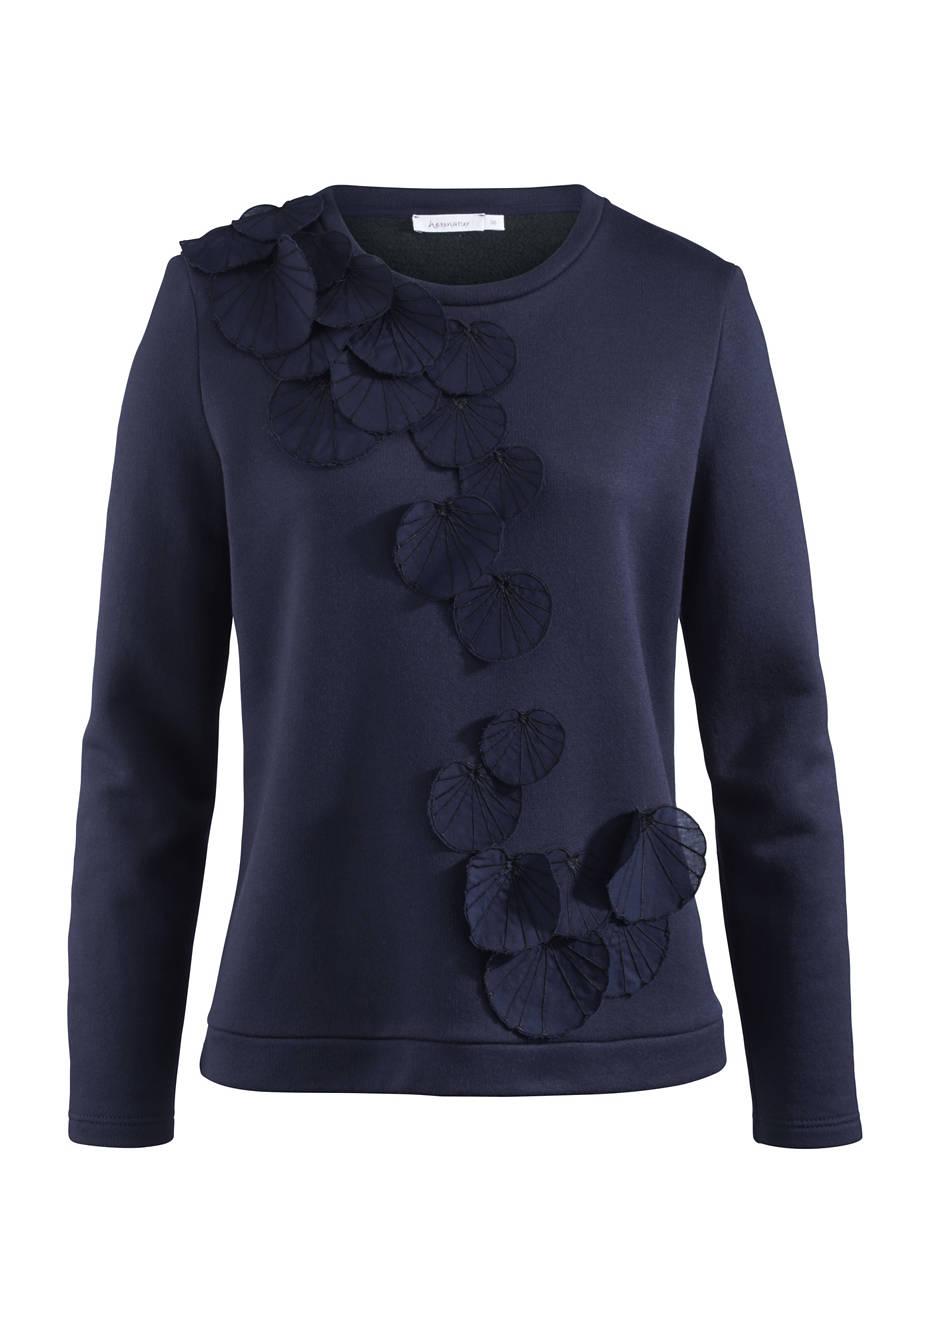 Sweatshirt aus Modal mit Bio-Baumwolle